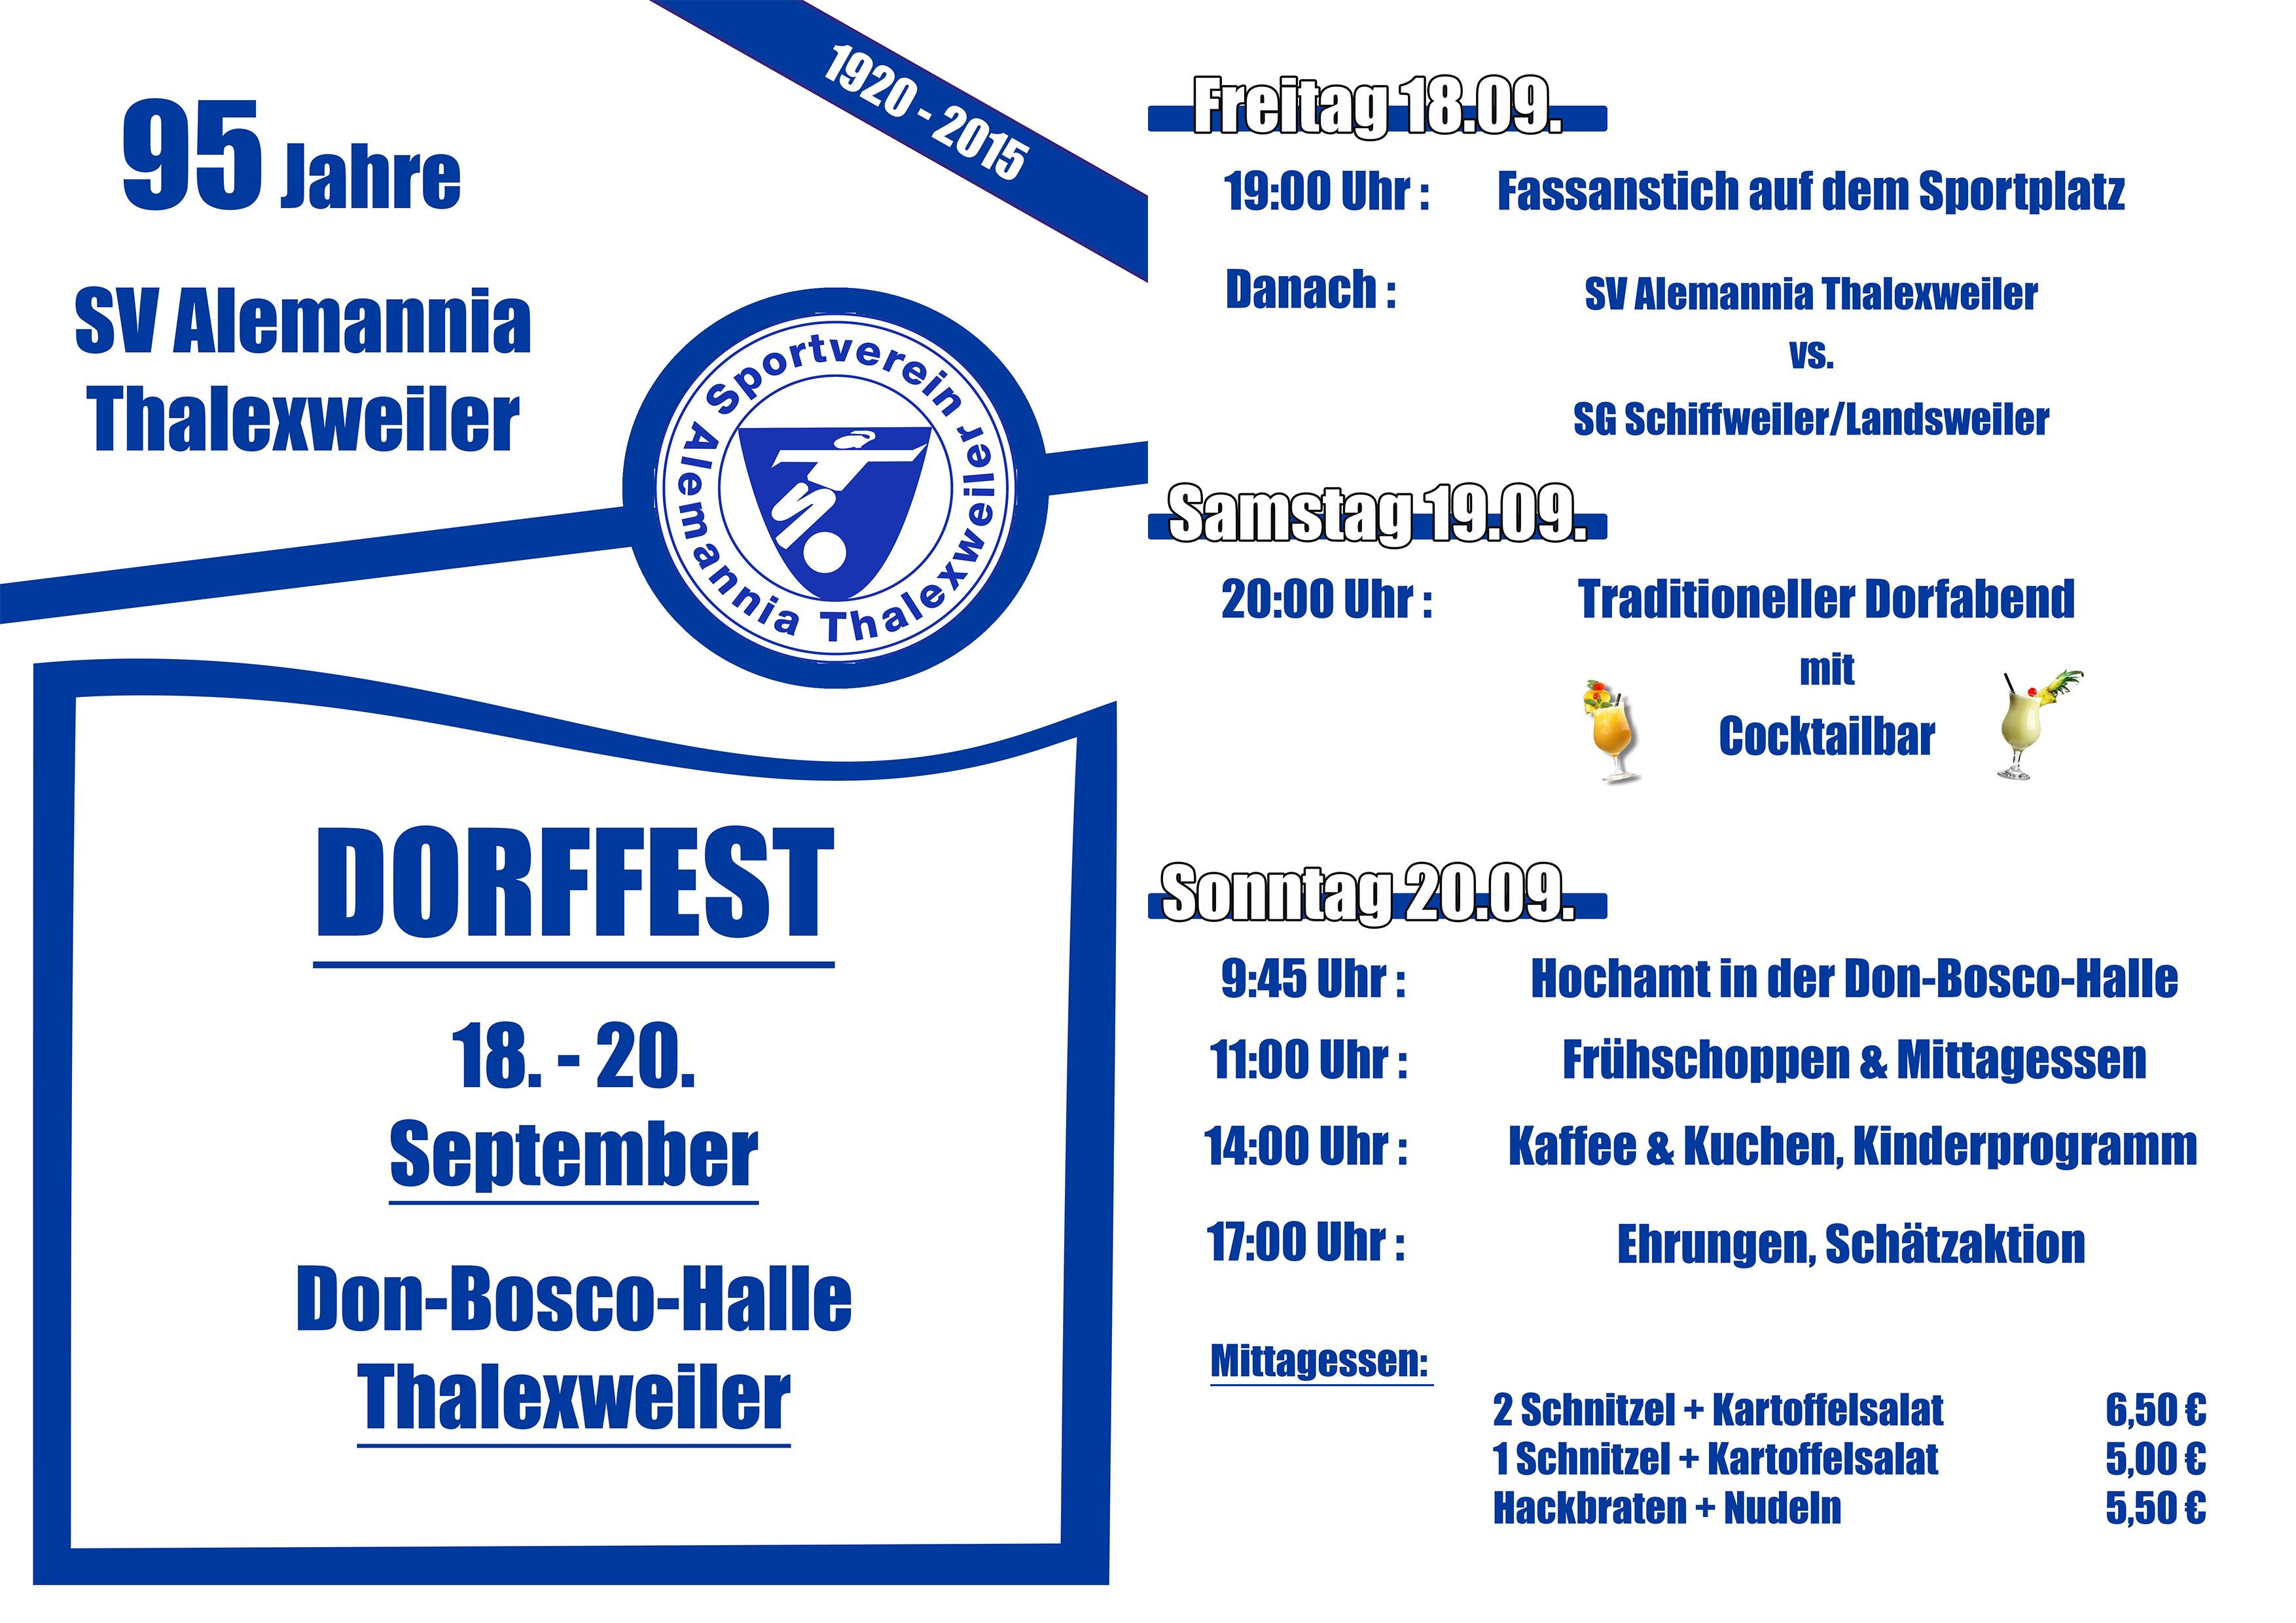 Dorffest-Website